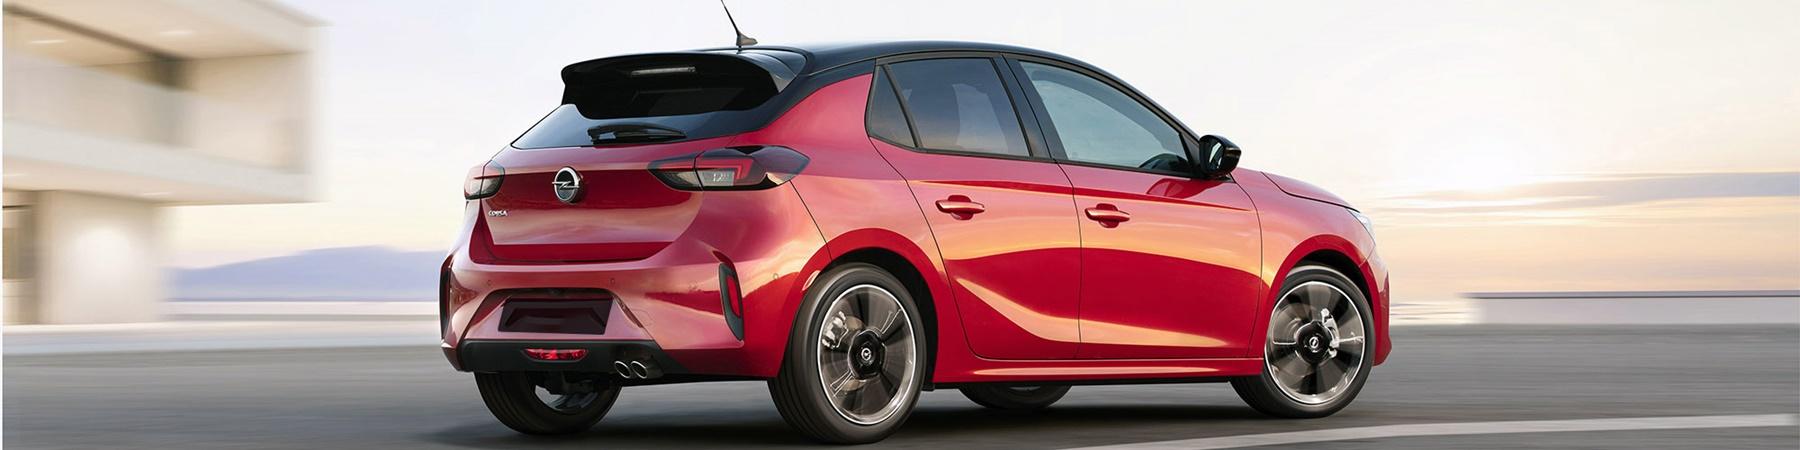 Opel Corsa 50kWh 281 km actieradius